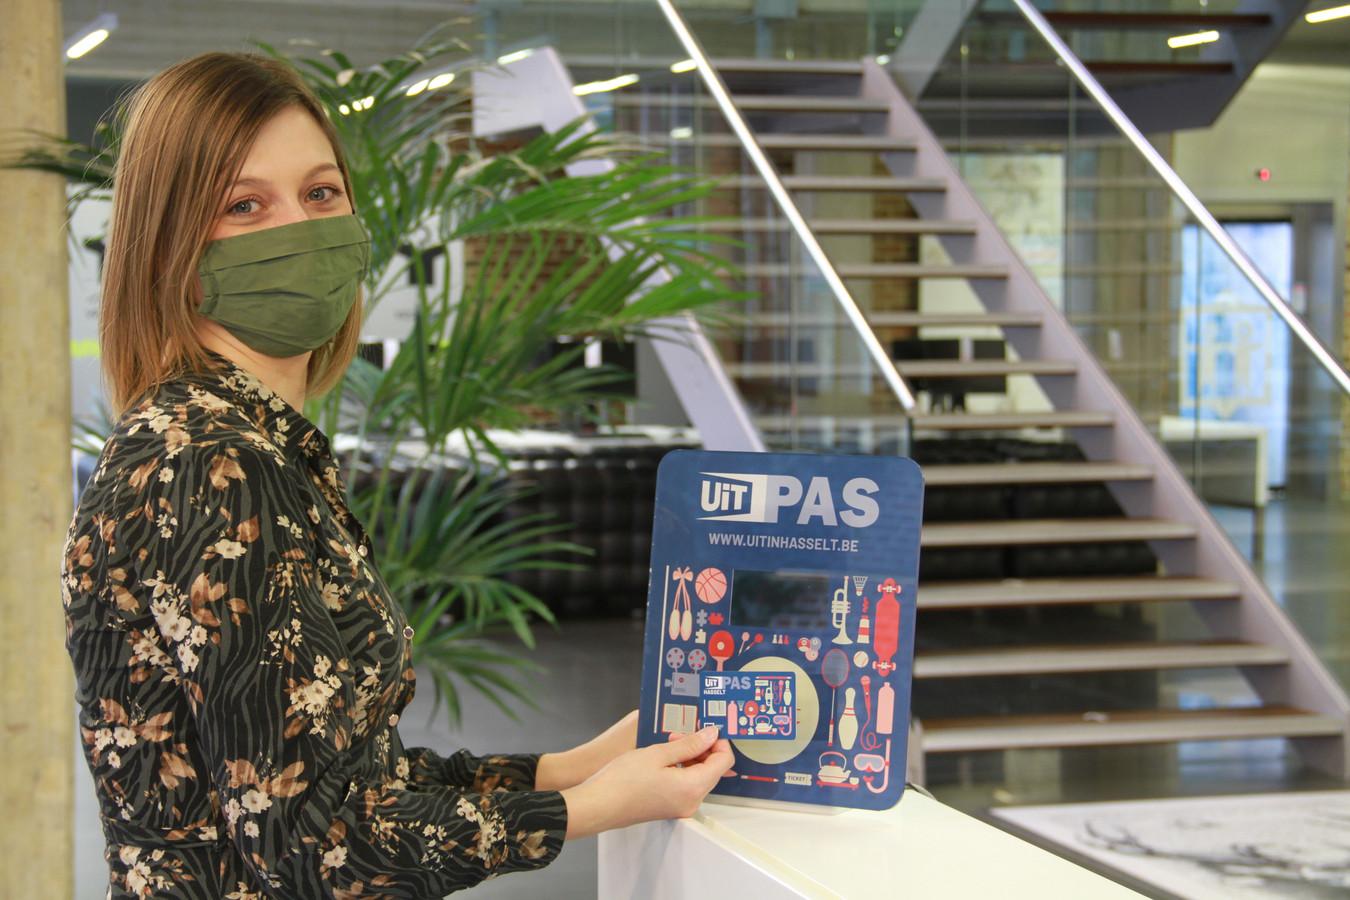 De Hasseltse UiTPAS werd begin dit jaar vernieuwd, mét succes.